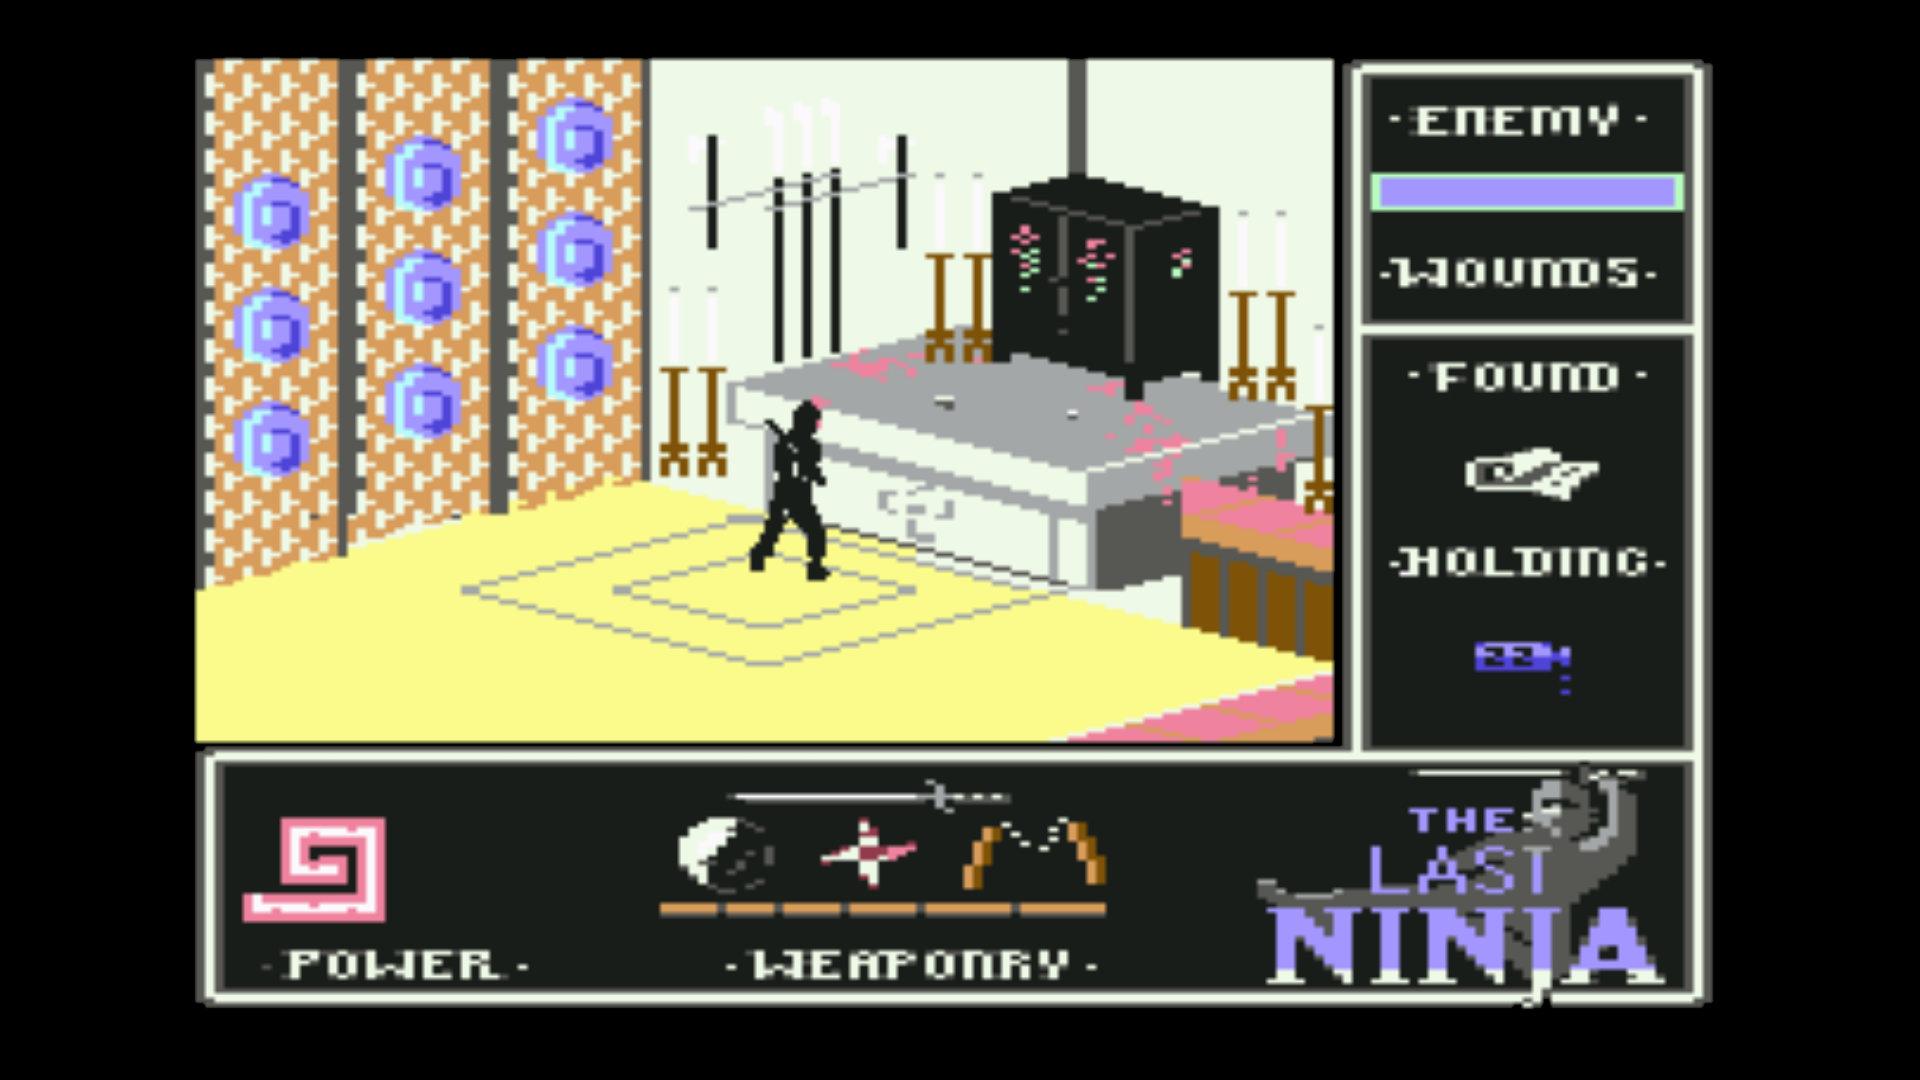 """Der letzte Ninja hat sein Letztes gegeben: den behutsamen Spieler trennen nur noch wenige Joystick-Befehle vom Endgegner und """"dem"""" Spielende - Abschlusssequenz oder Neuanfang? Permadeath wird bestimmt ein gerechtes Urteil fällen... (Bild: Andreas Wanda)"""